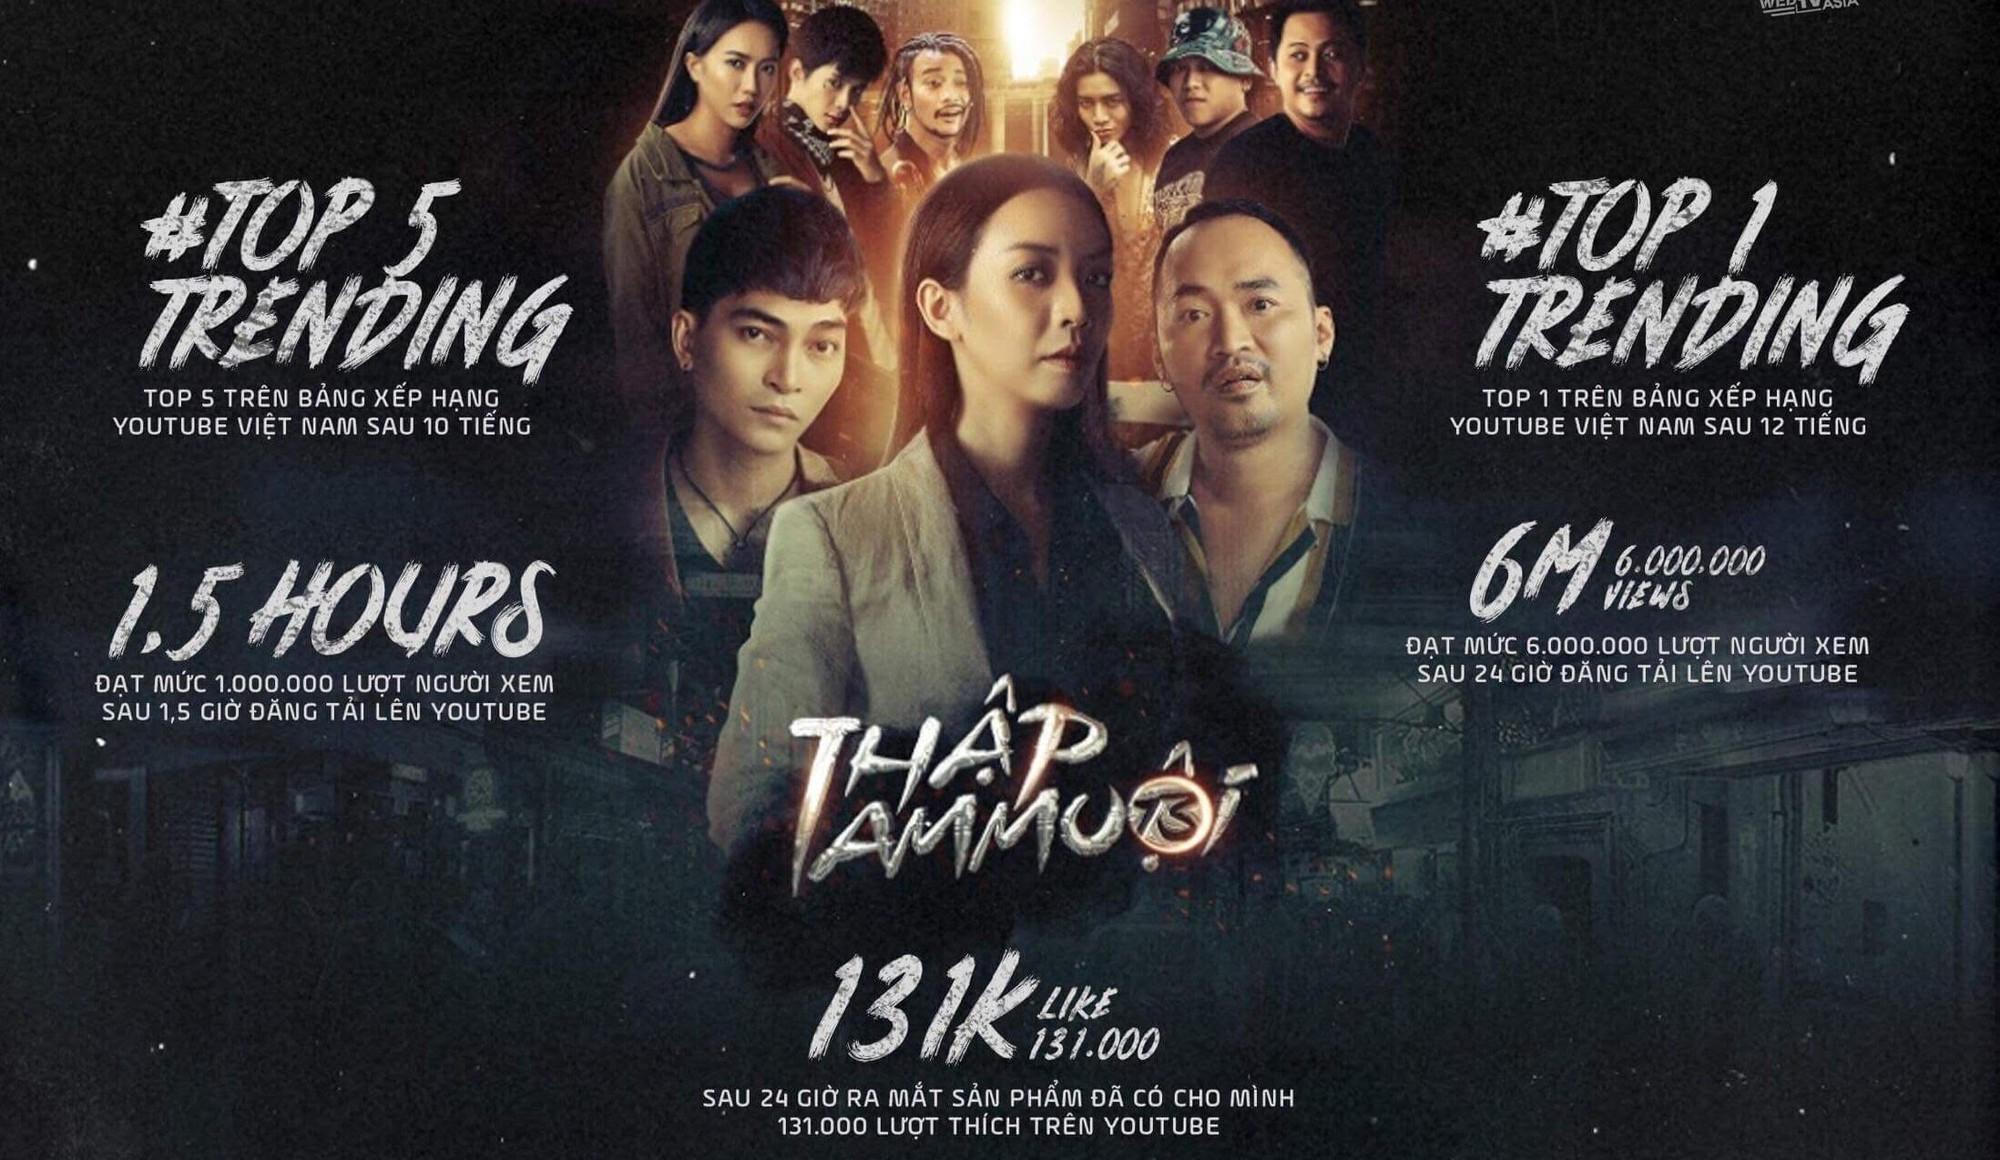 Thu Trang chơi lớn, chi bạo hơn 16 tỷ đồng cho sự trở lại của Thập Tam Muội - Ảnh 1.